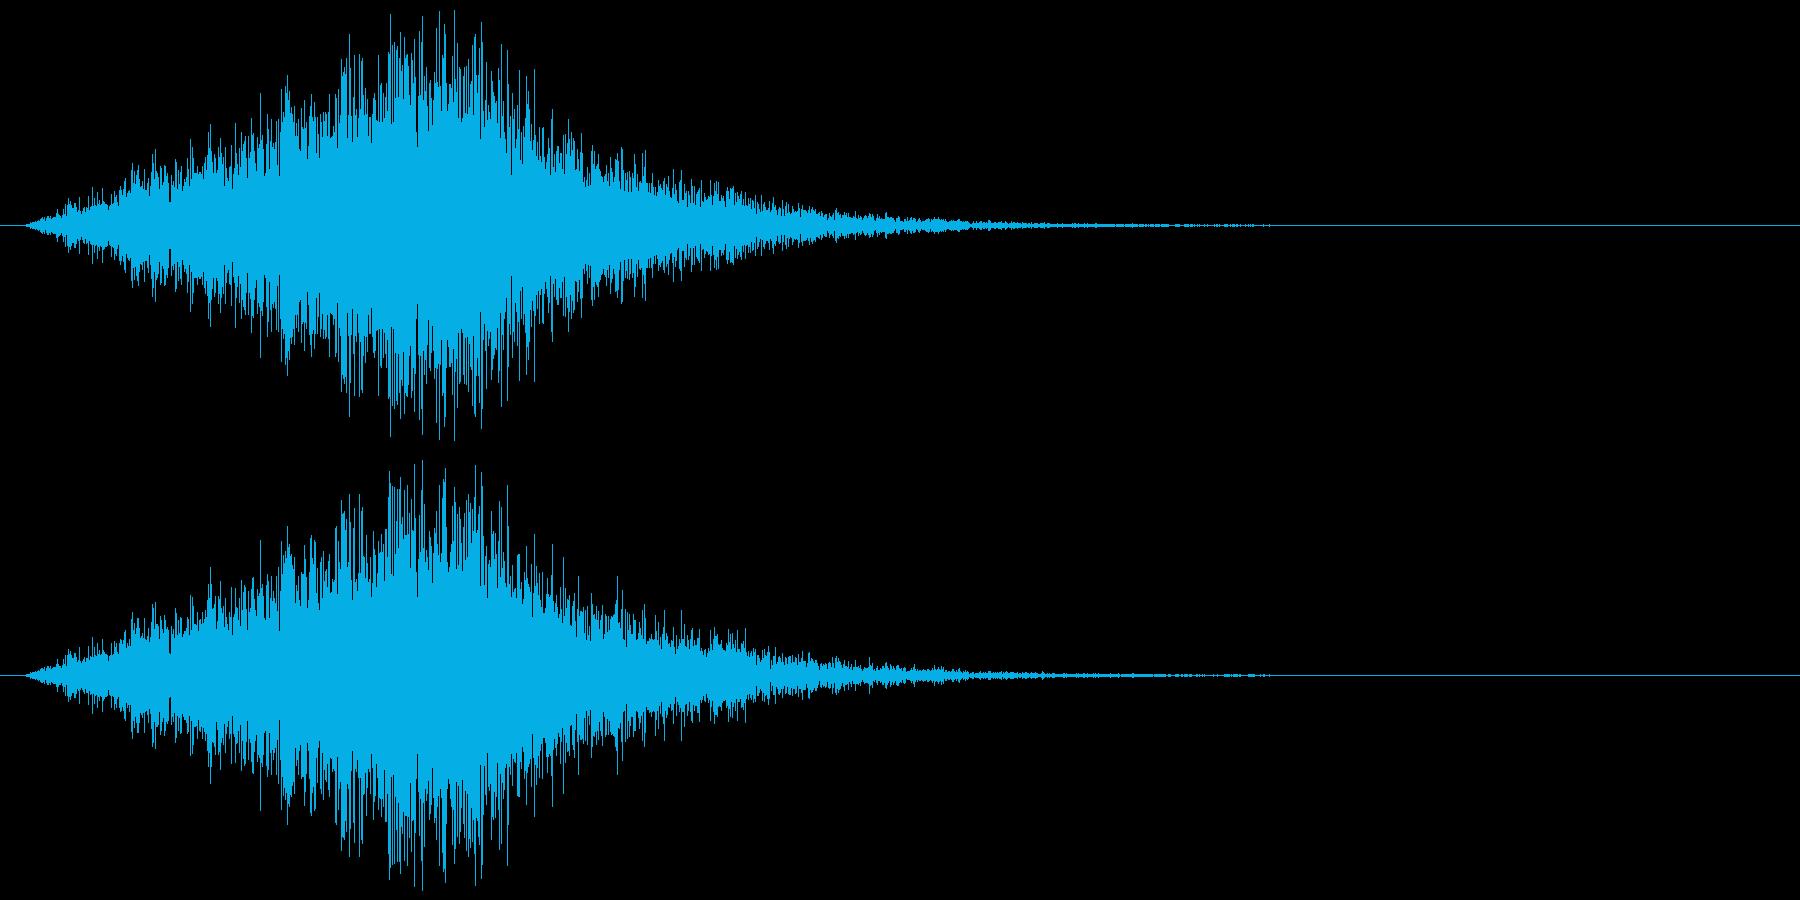 シュルリリリッ(ワープ、出現、技発動)の再生済みの波形